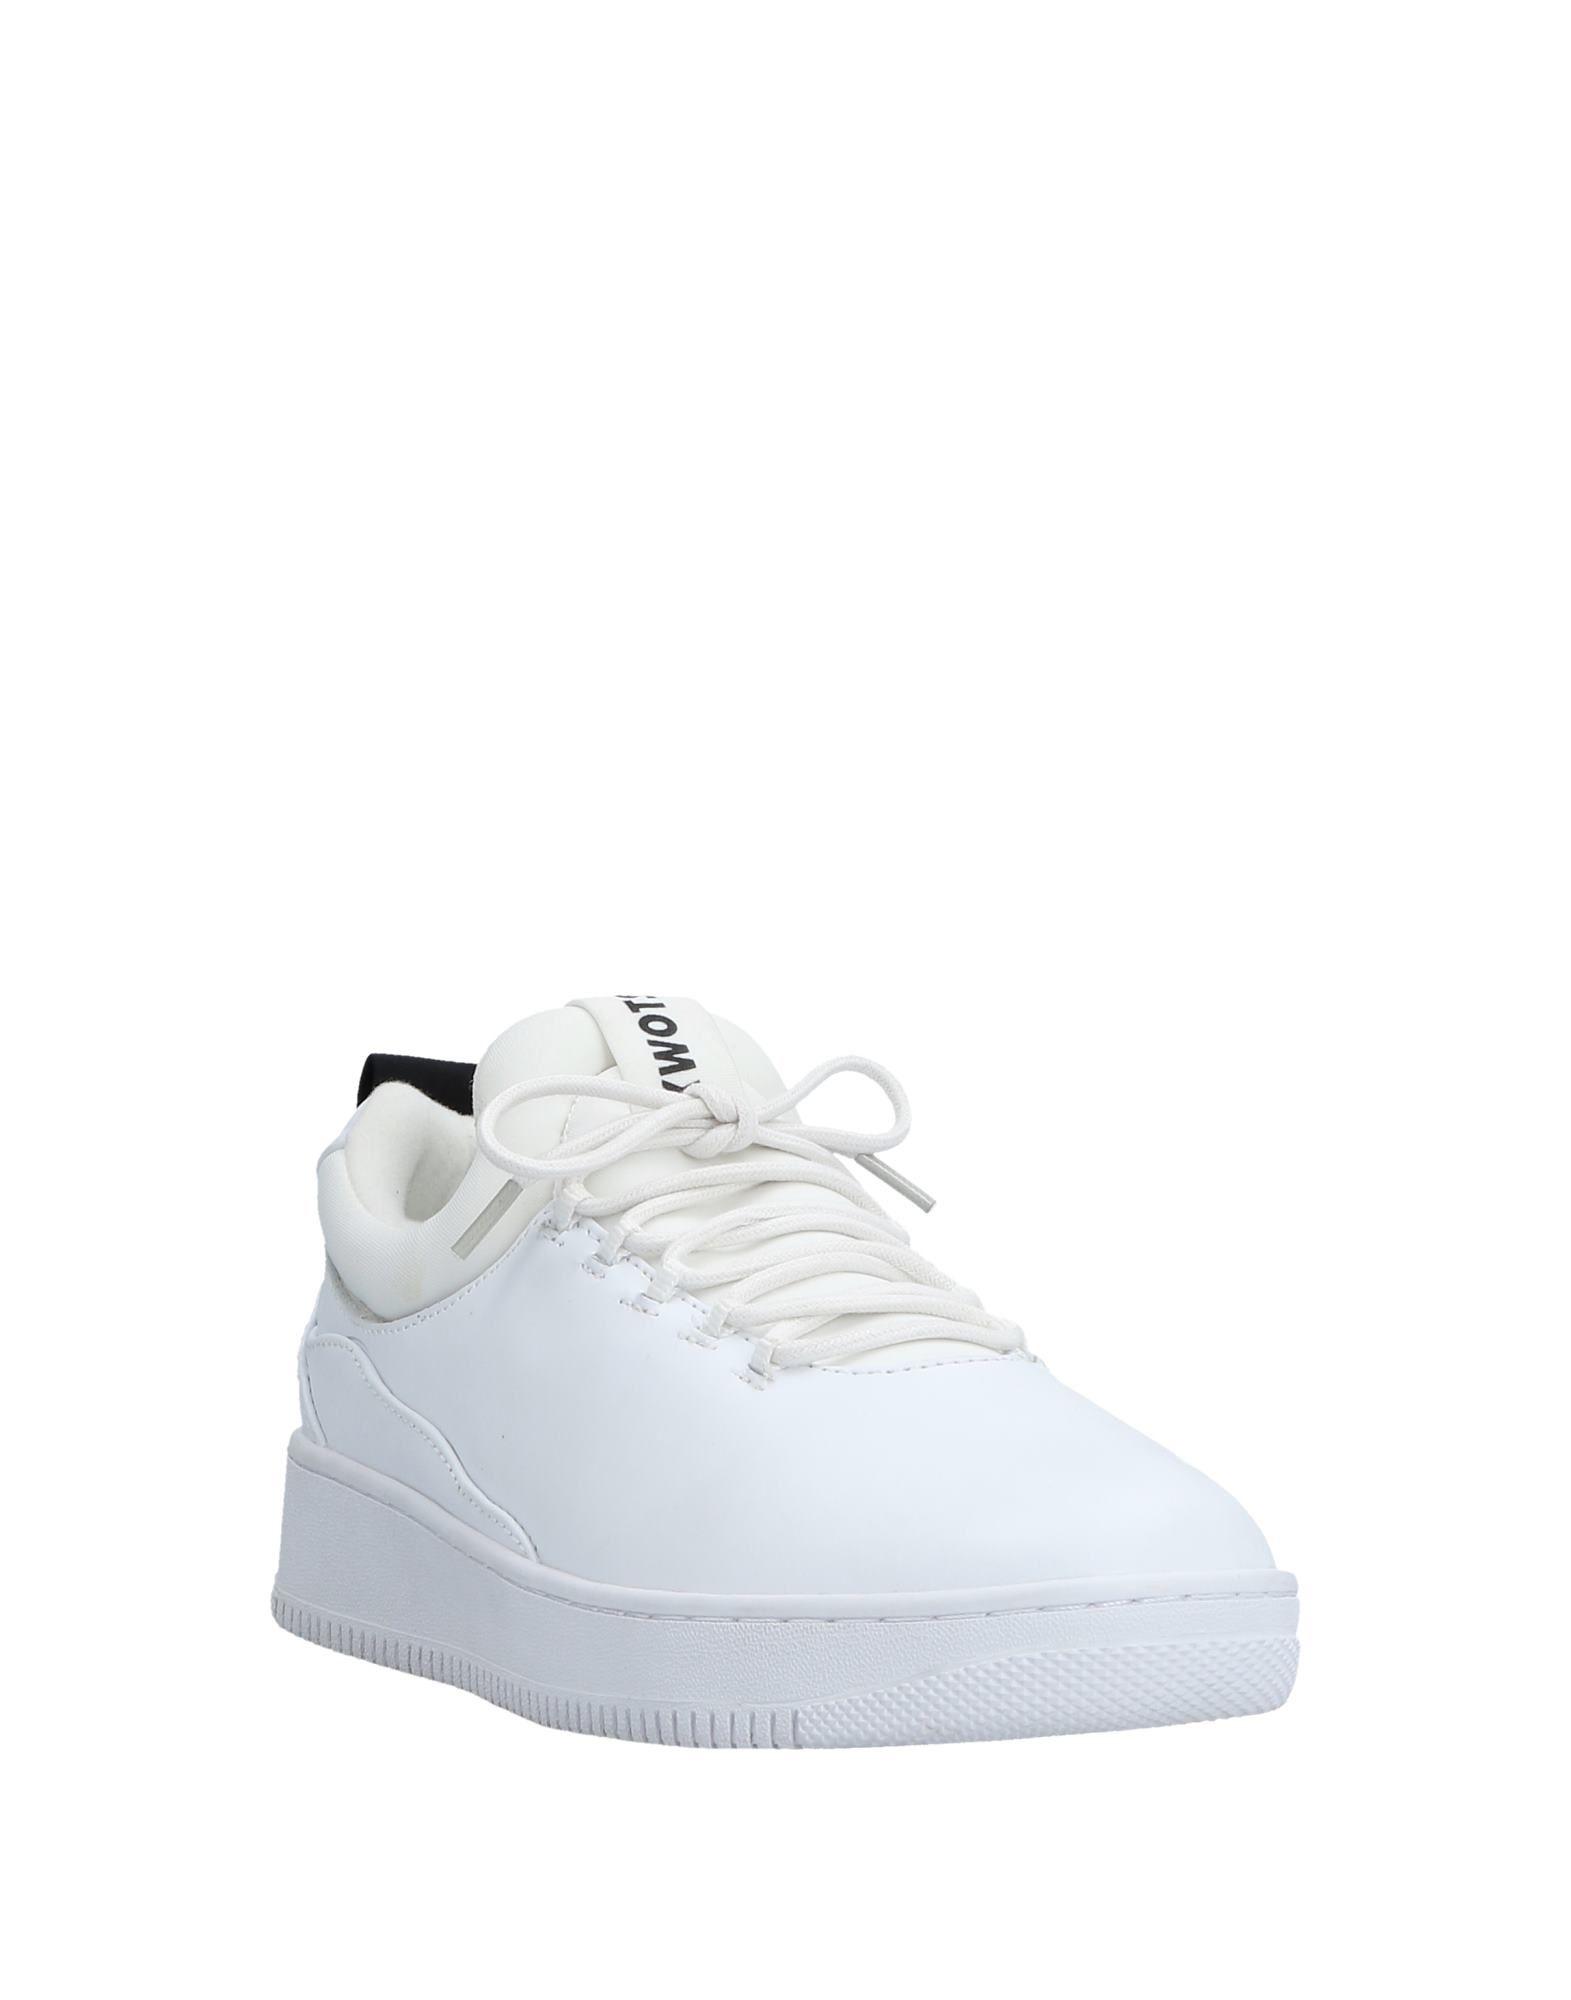 Scarpe economiche e resistenti Sneakers 11530720QM Kwots Uomo - 11530720QM Sneakers 3ed3f3